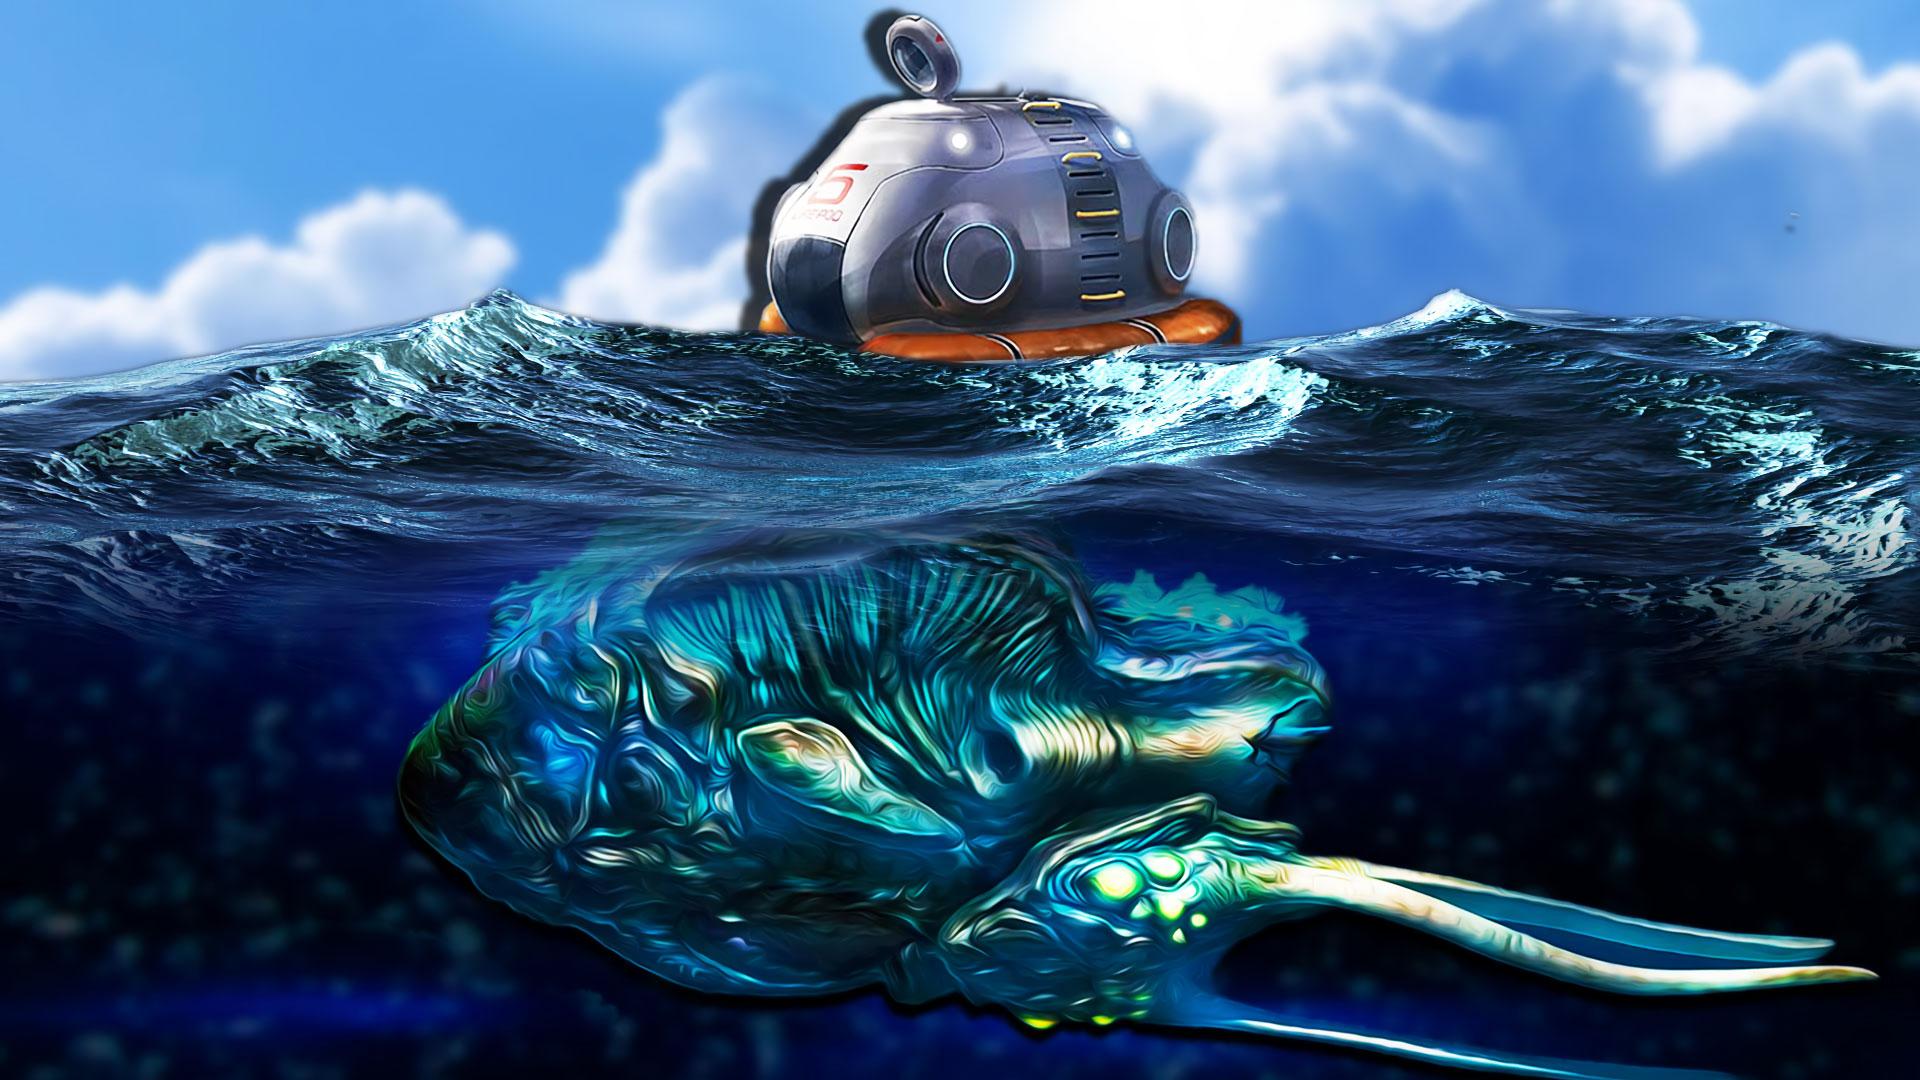 Underwater Iphone Wallpaper Subnautica Wallpapers In Ultra Hd 4k Gameranx